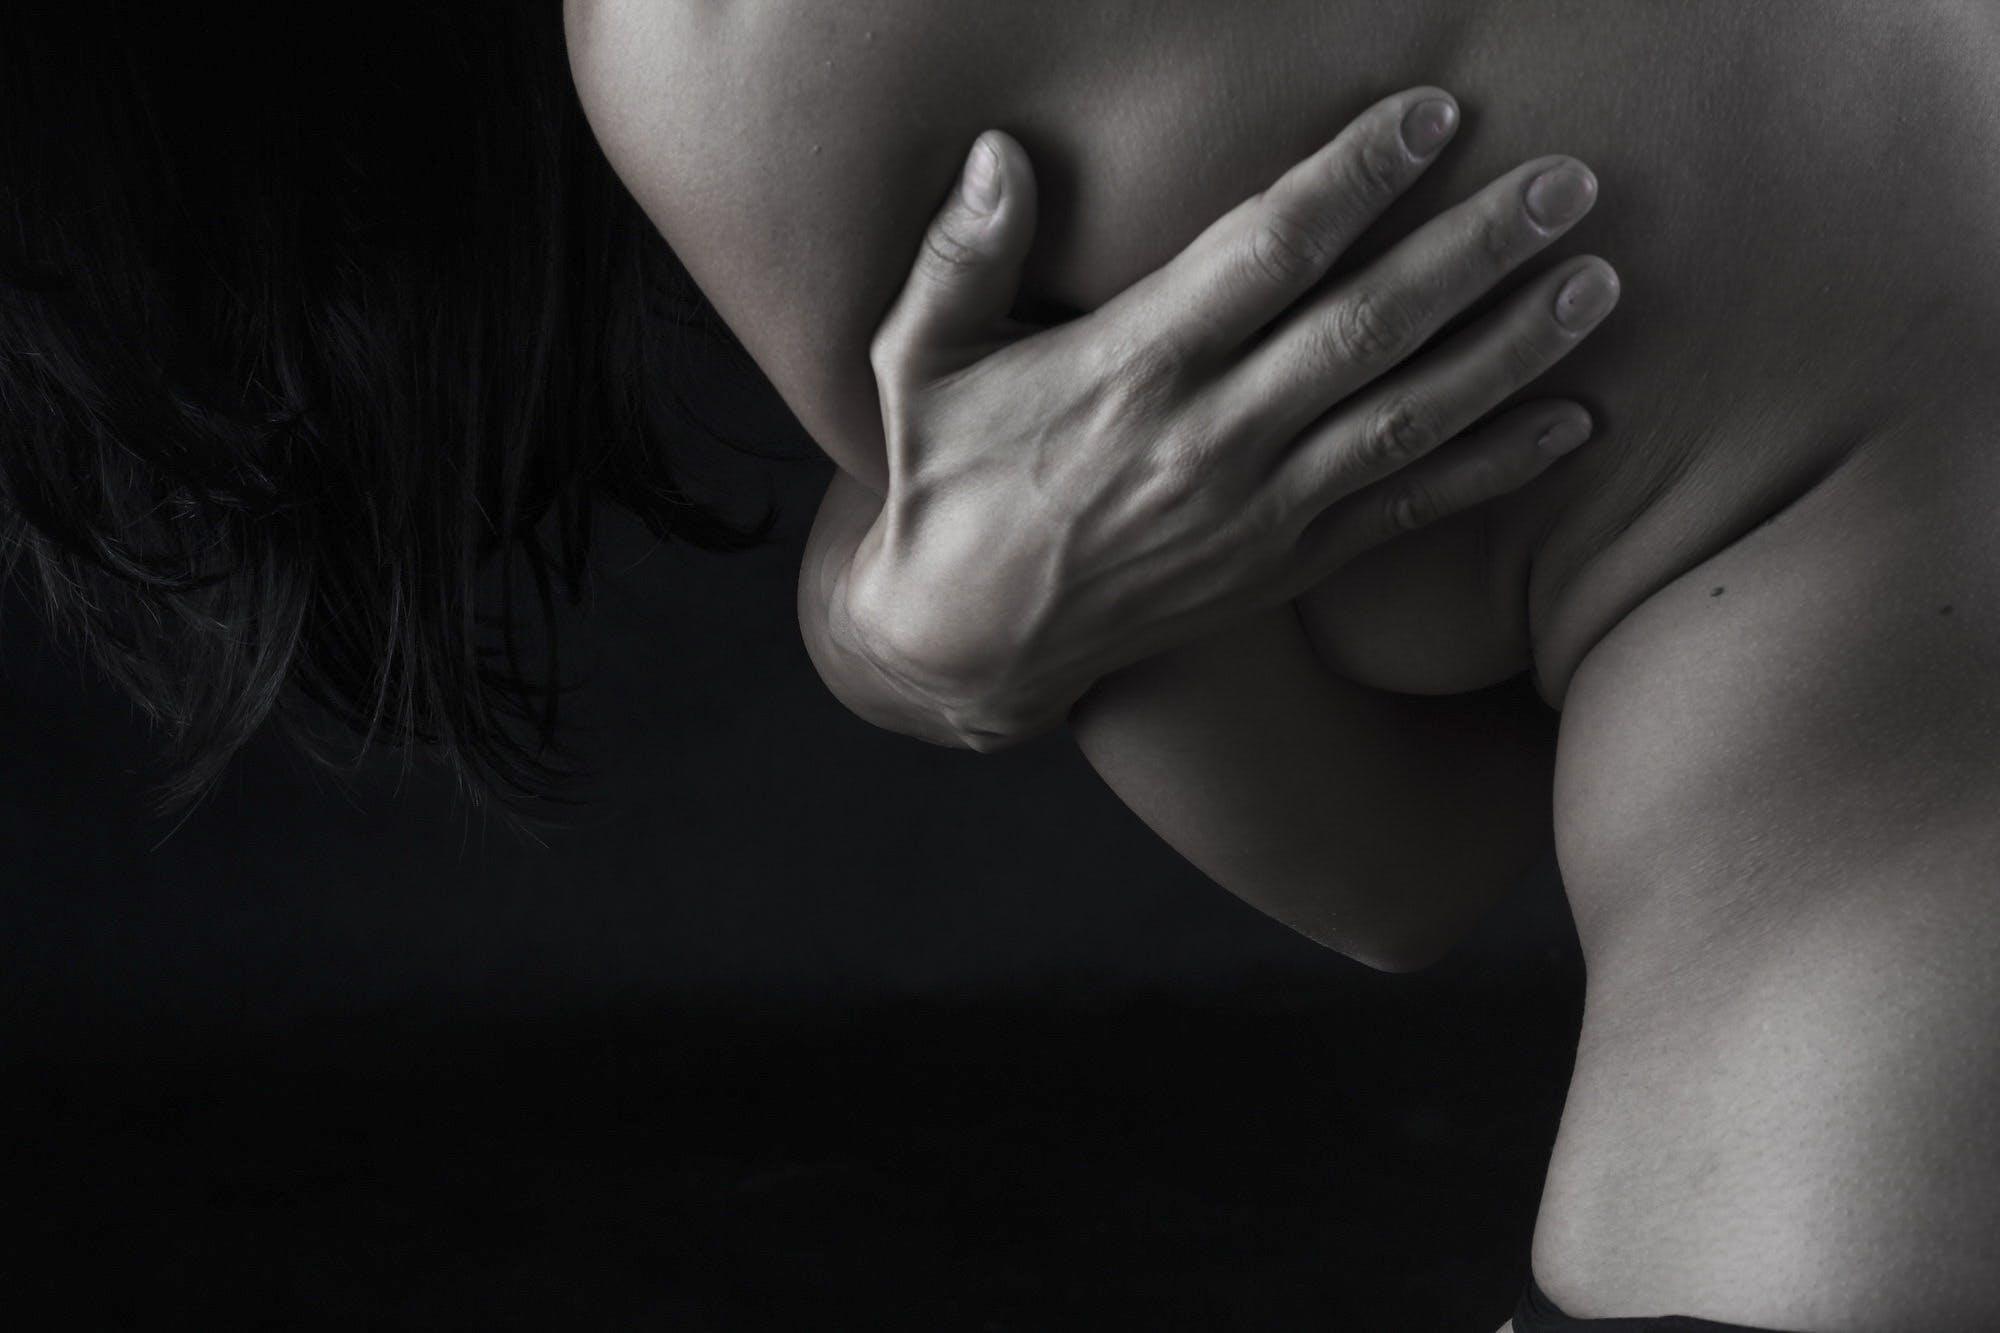 乳房, 勾引, 后背, 女人 的 免费素材照片